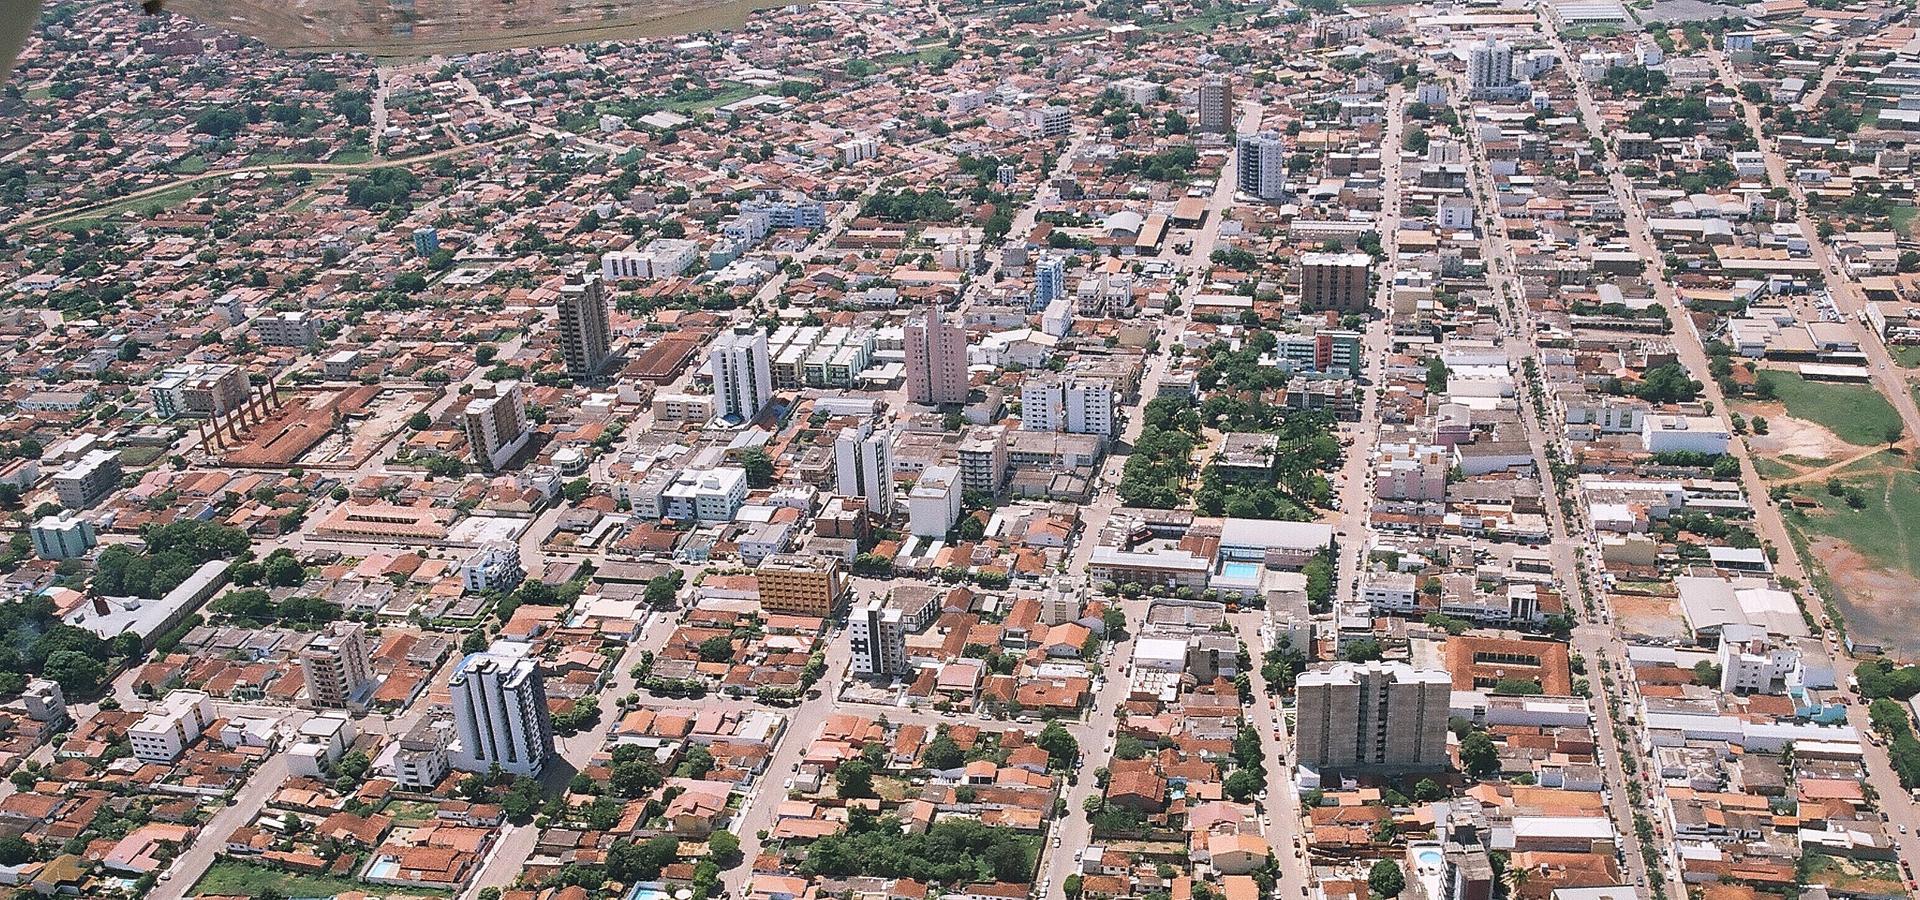 <b>Unaí, Minas Gerais, Brazil</b>